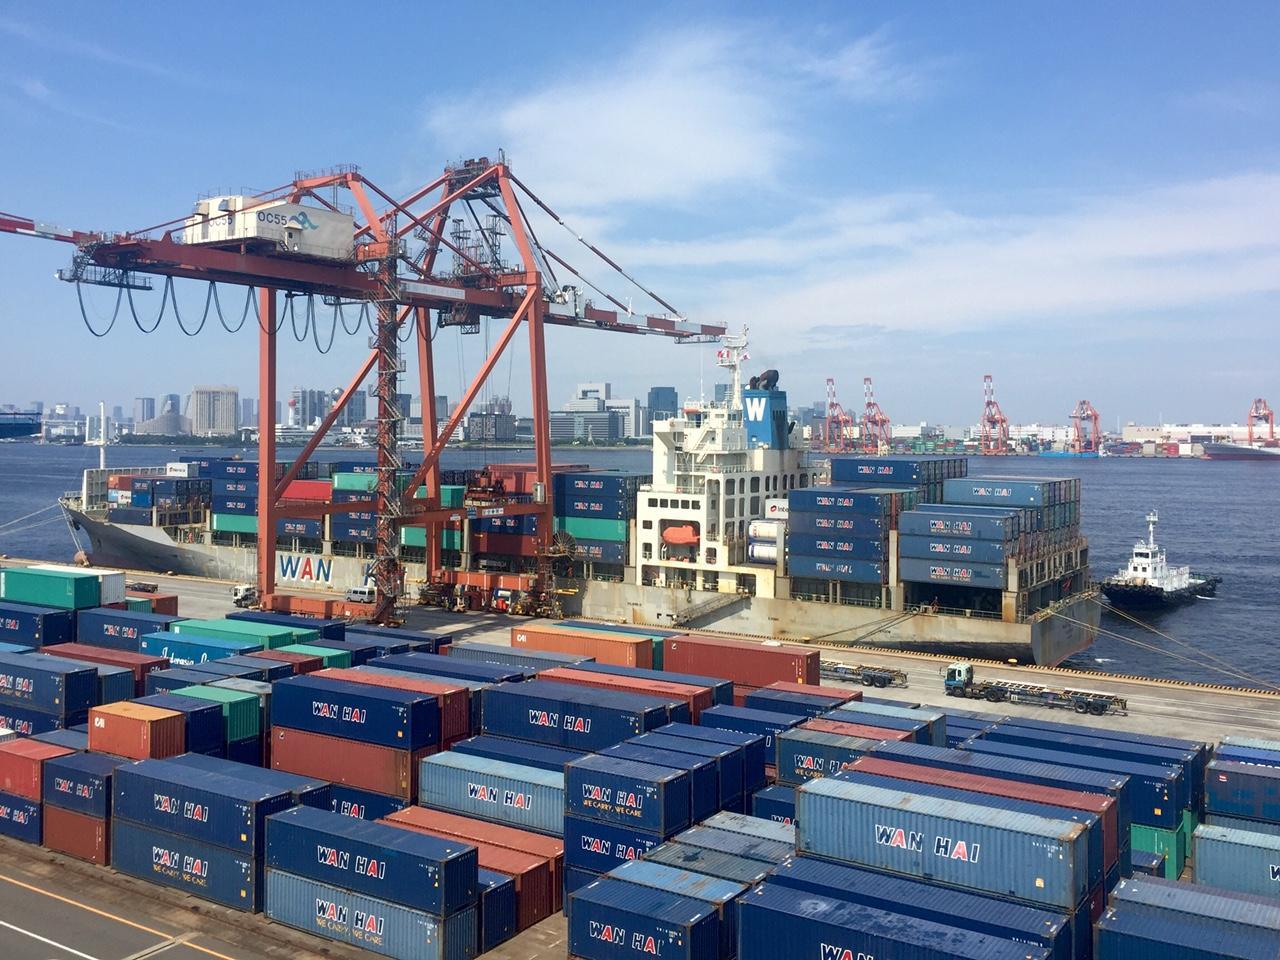 本船運航管理、ターミナル重機の管理と部品在庫管理要員一名